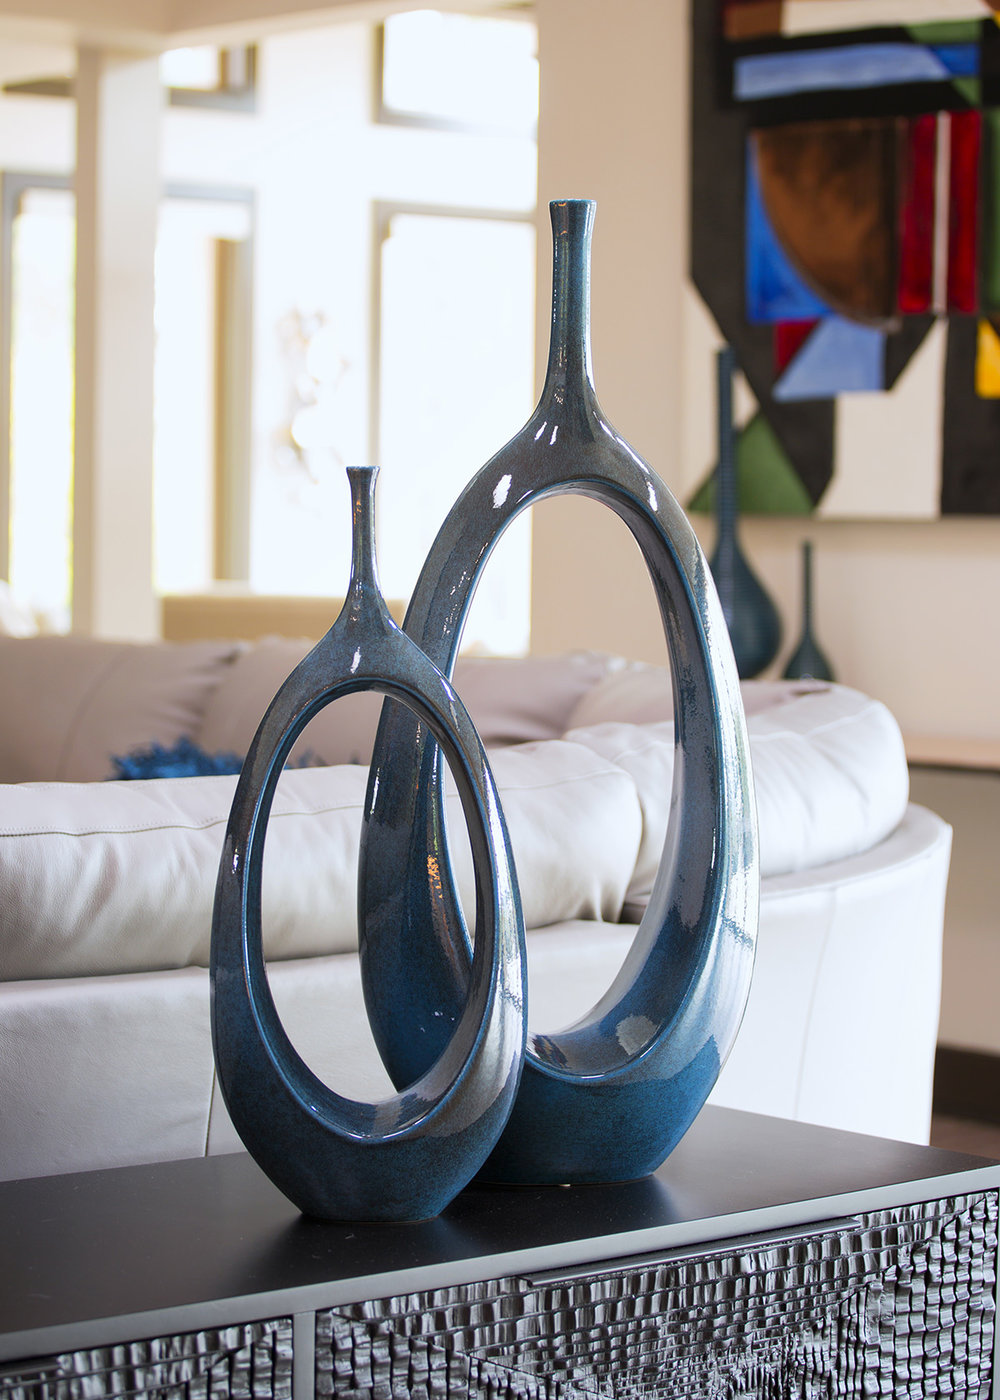 living-room-decor-interior-design-los-altos-california-ktj-design-co-2.jpg